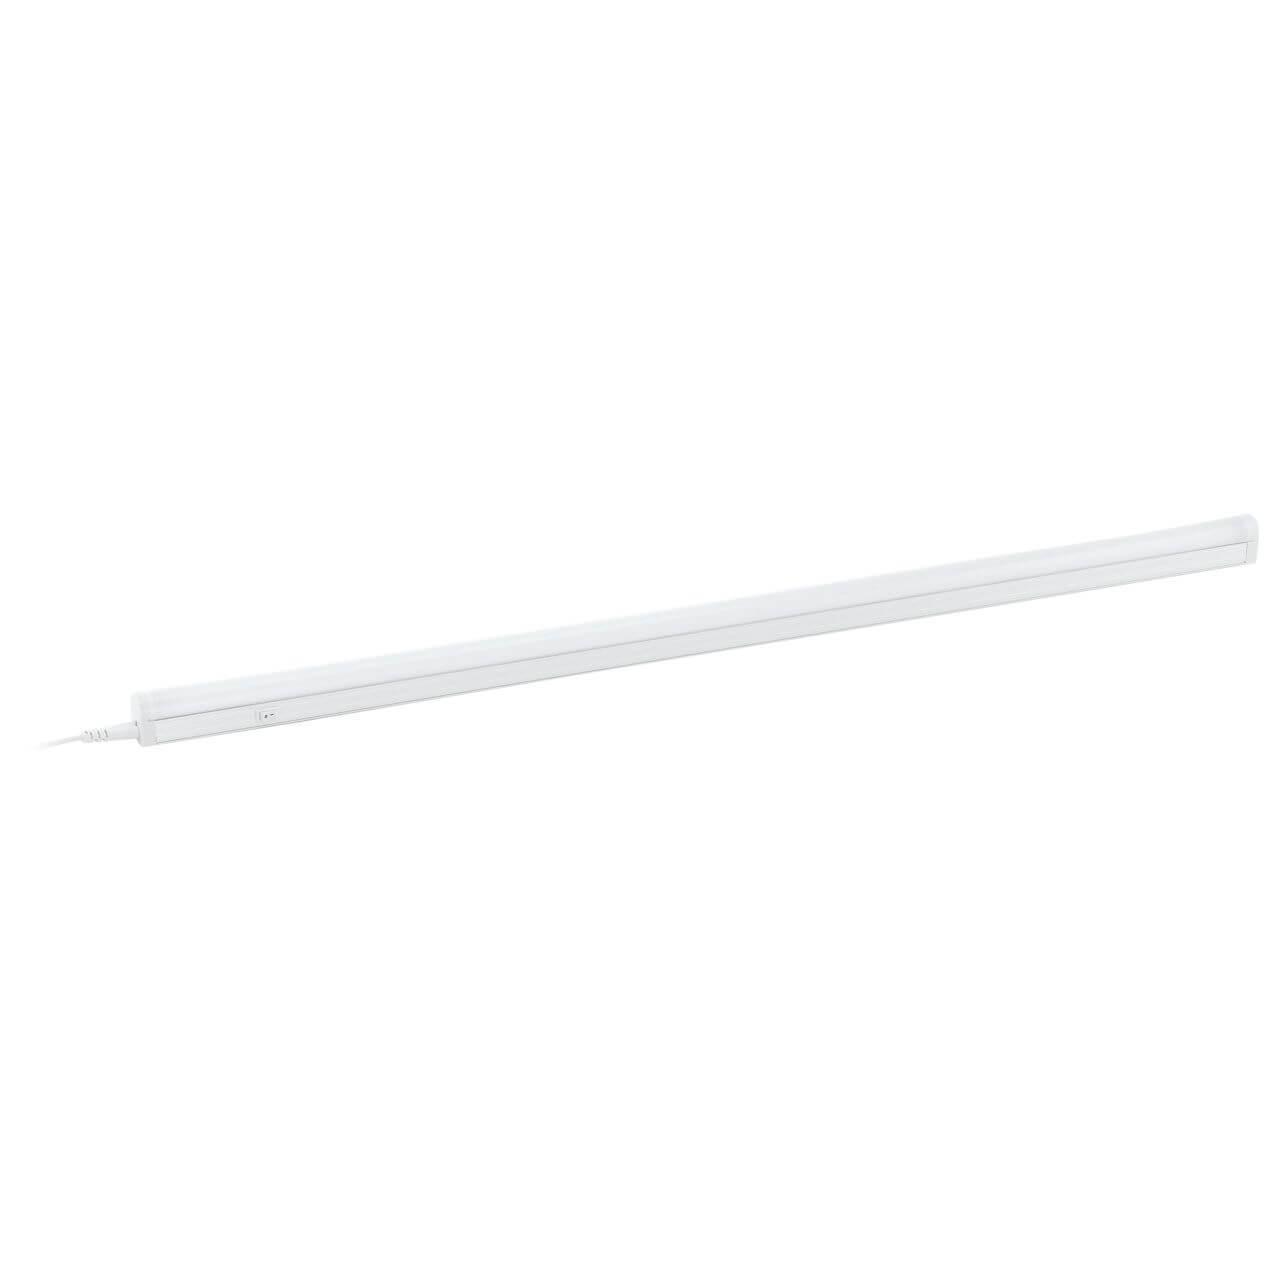 купить Настенный светильник Eglo 93336, LED, 4 Вт по цене 6790 рублей